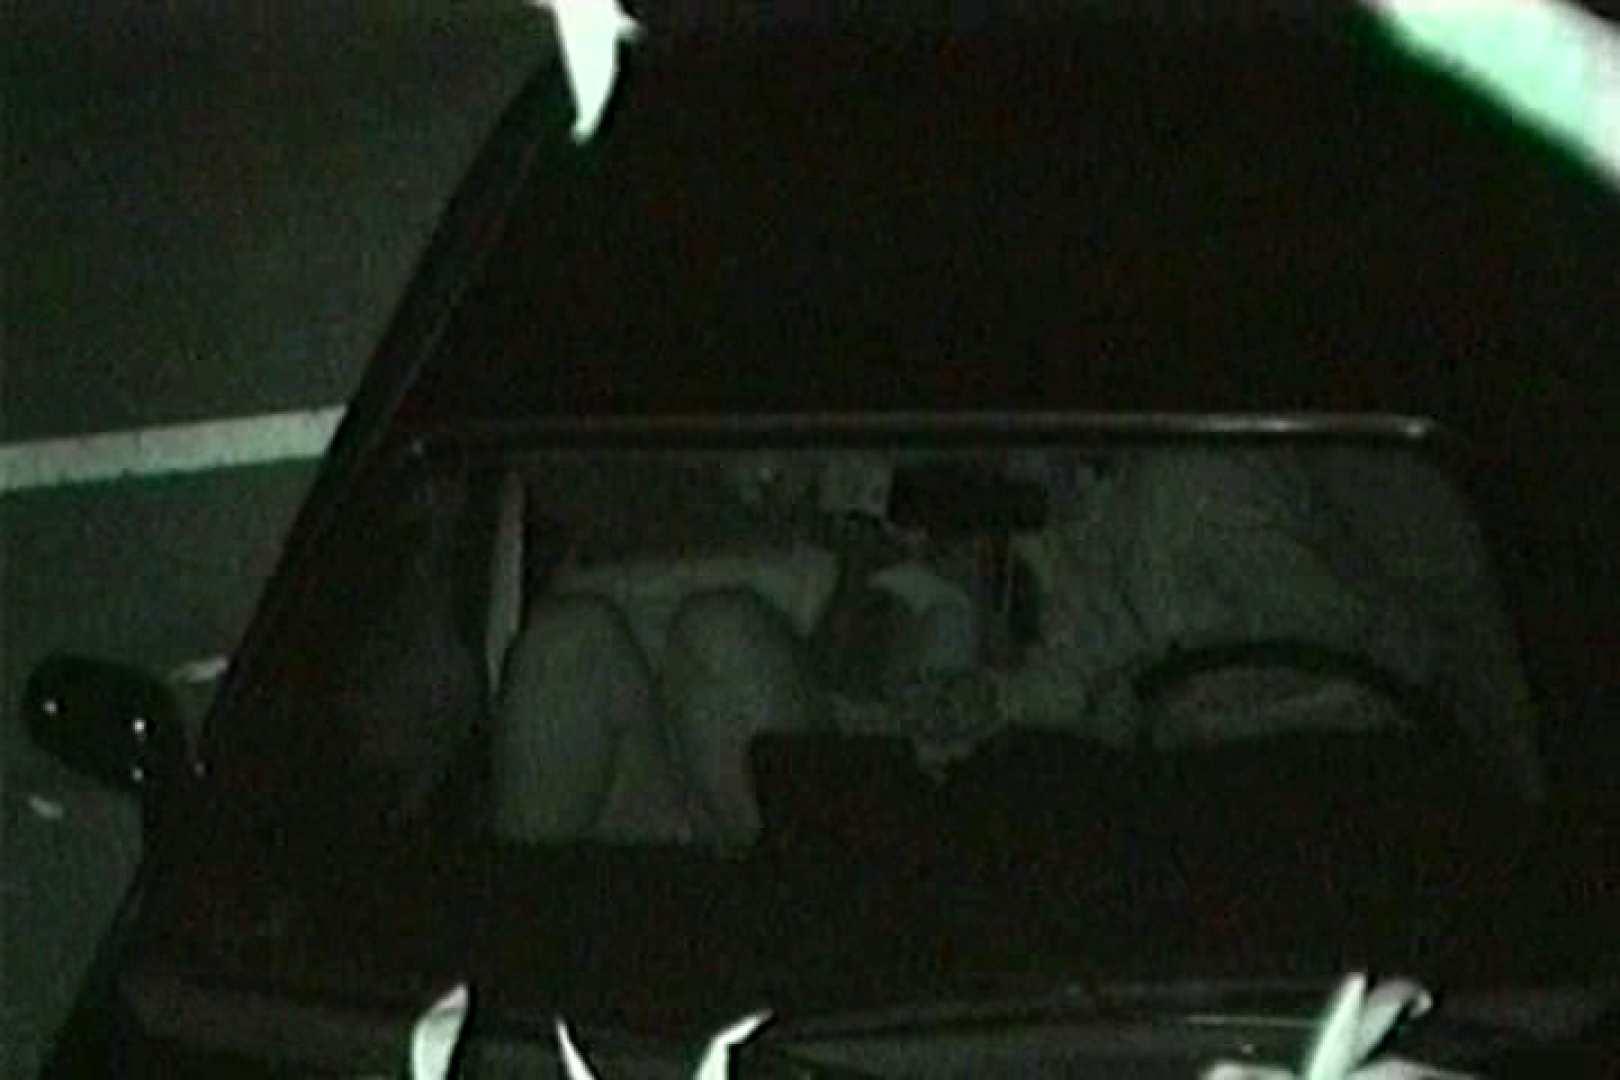 車の中はラブホテル 無修正版  Vol.8 車 エロ無料画像 68連発 51